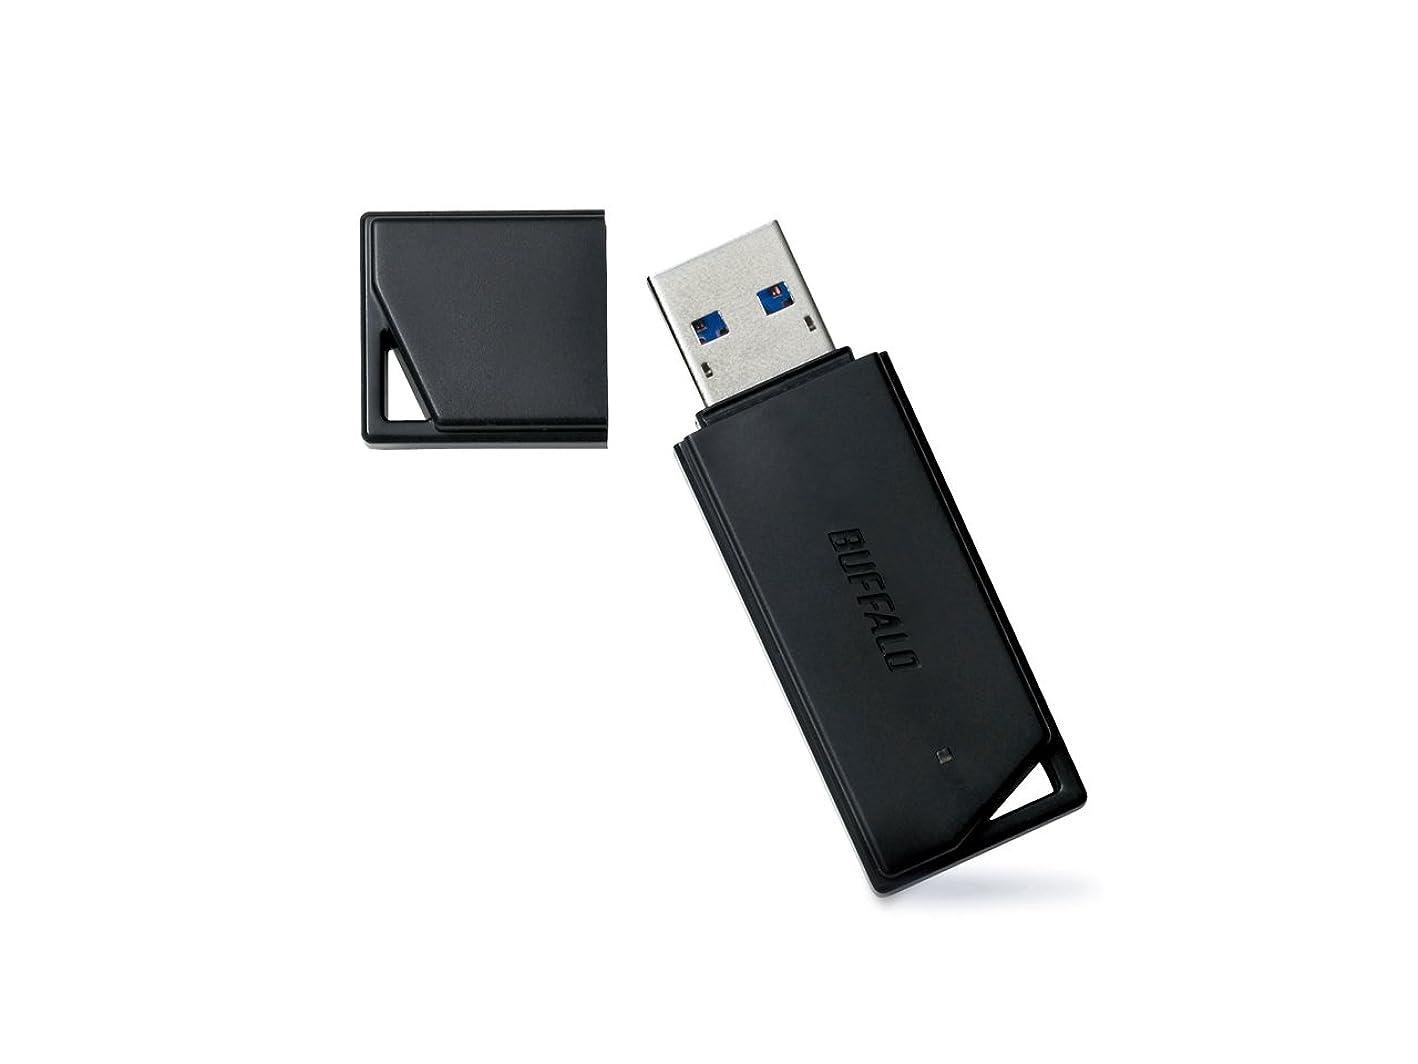 食物不機嫌そうな課すSDメモリー カードリーダー USBマルチカードリーダー 多機能 OTG SD/Micro SDカード両対応 Type-C/Micro usb/USB接続 Windows/New Macbook/Huawei/Xperia/ASUS/Samsung/Androidなどの機種に対応